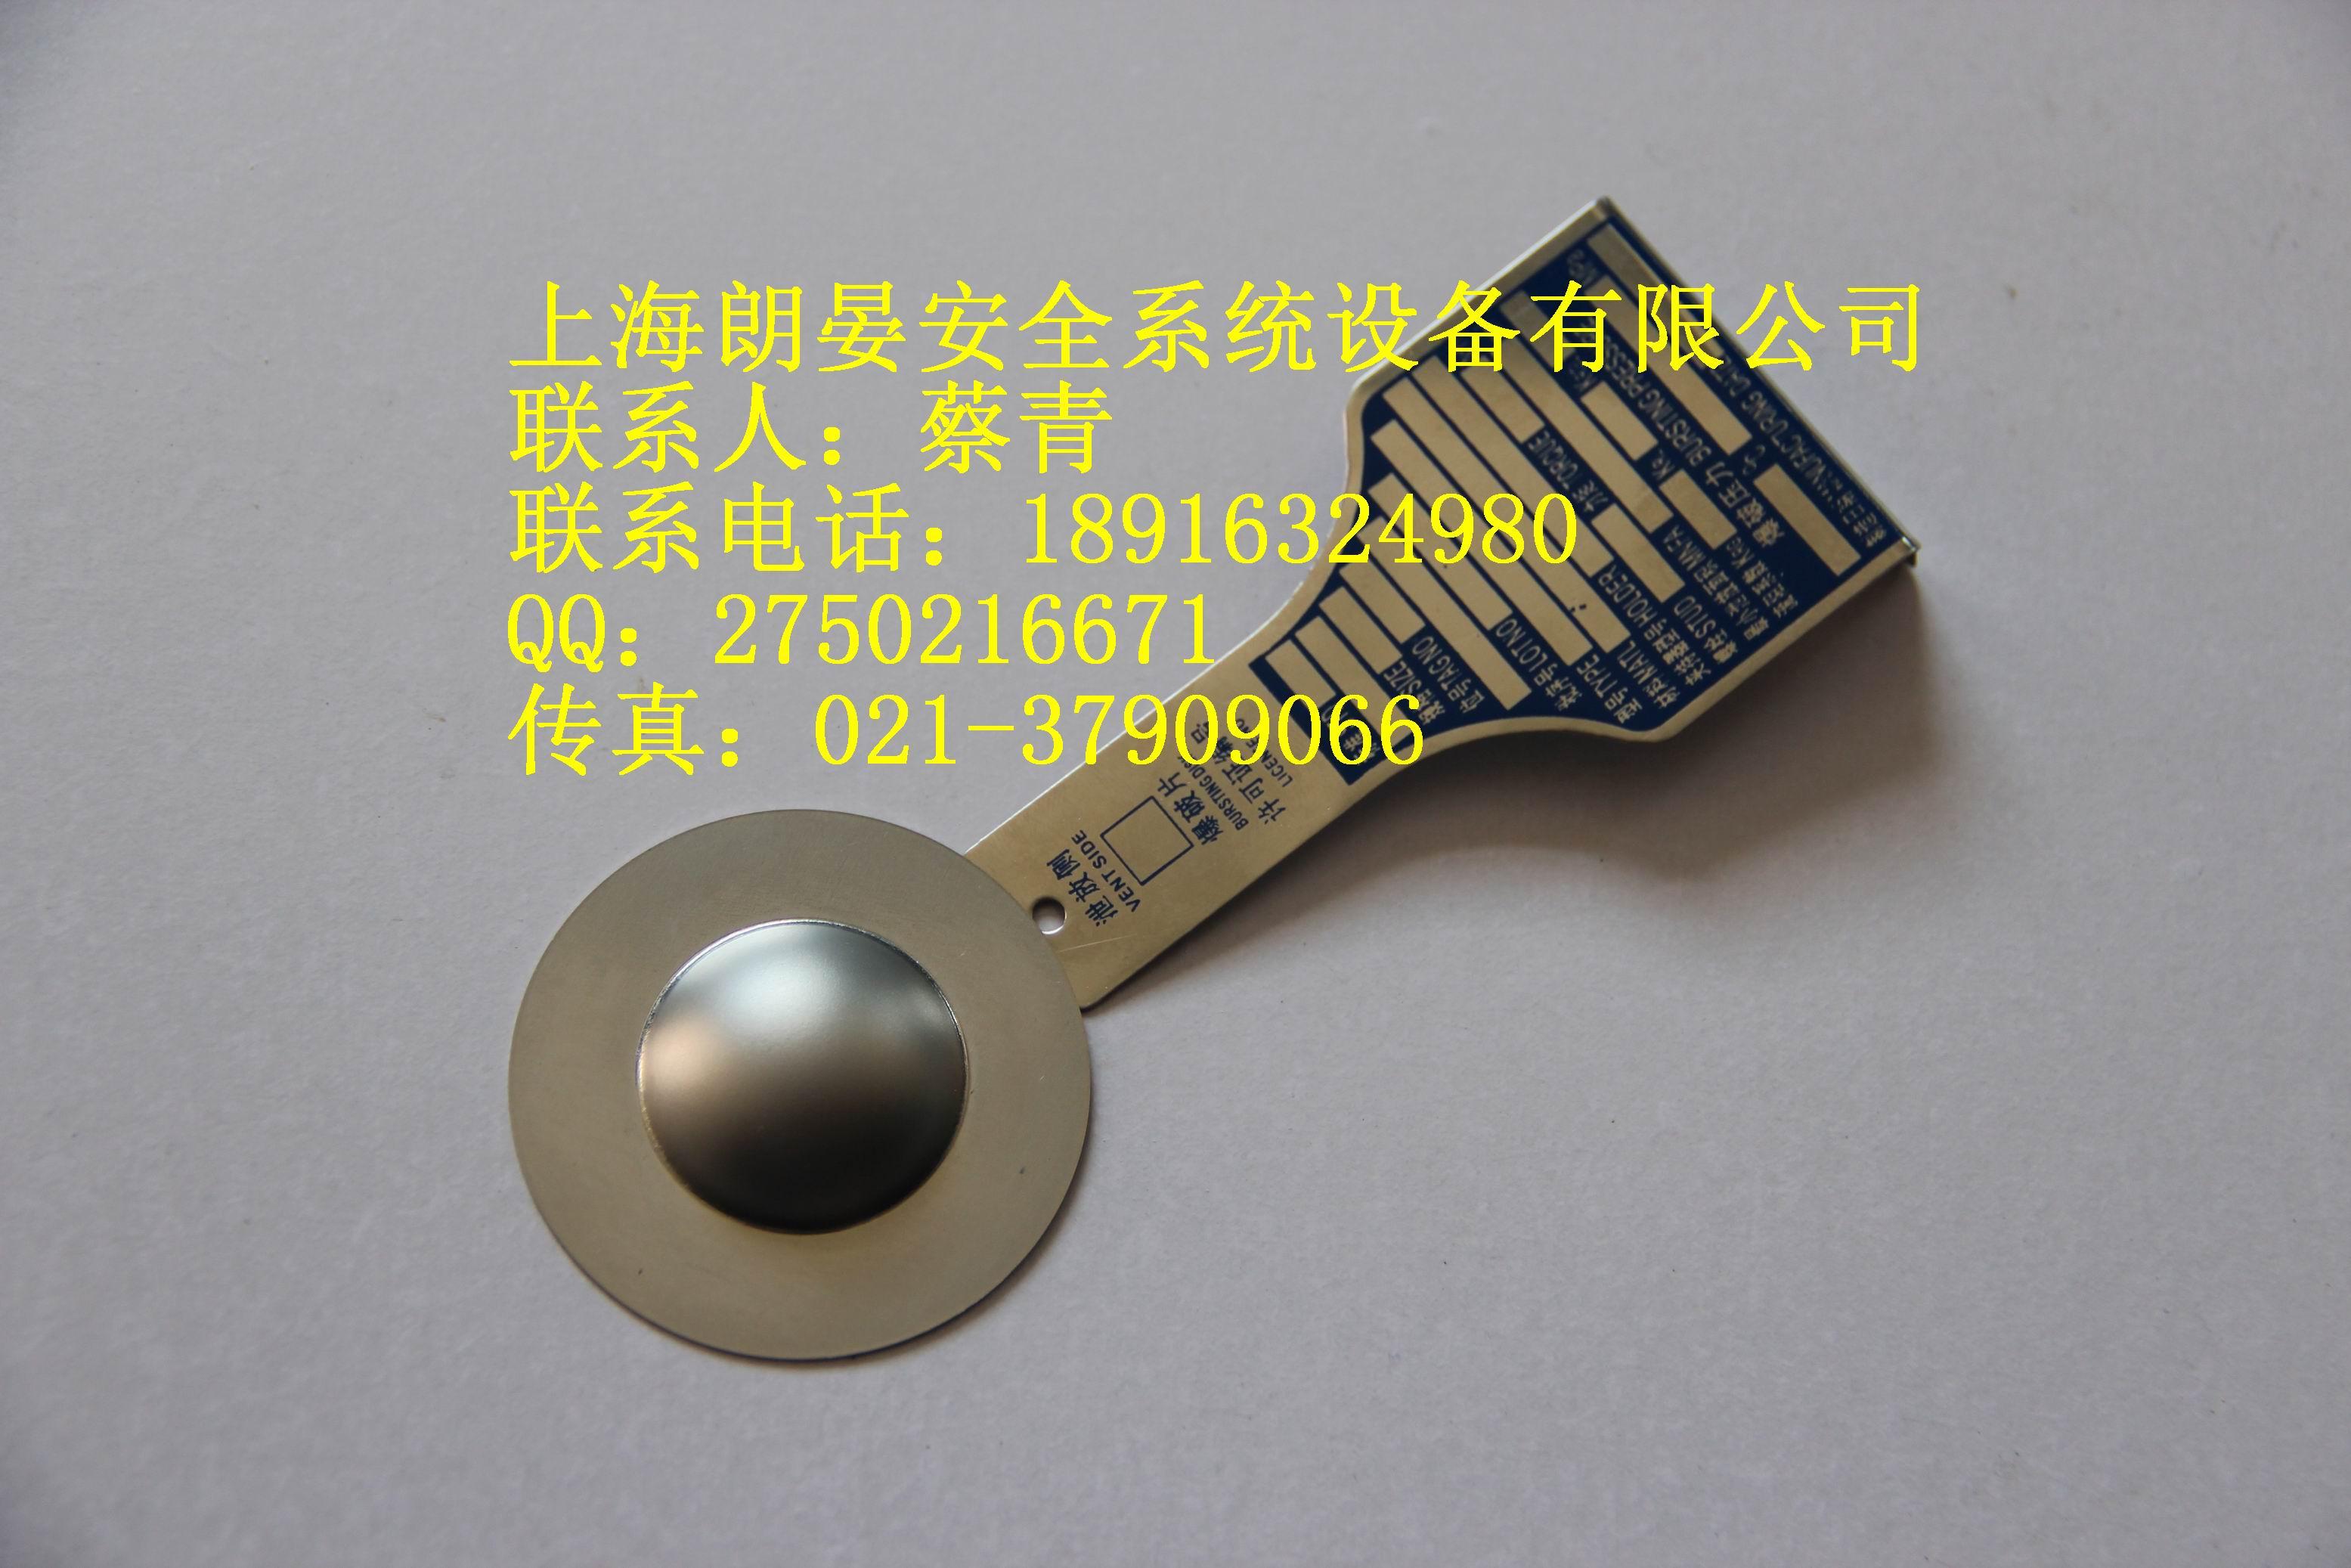 上海朗晏工厂直供平板粉尘爆破片,泄爆片,无焰泄放装置